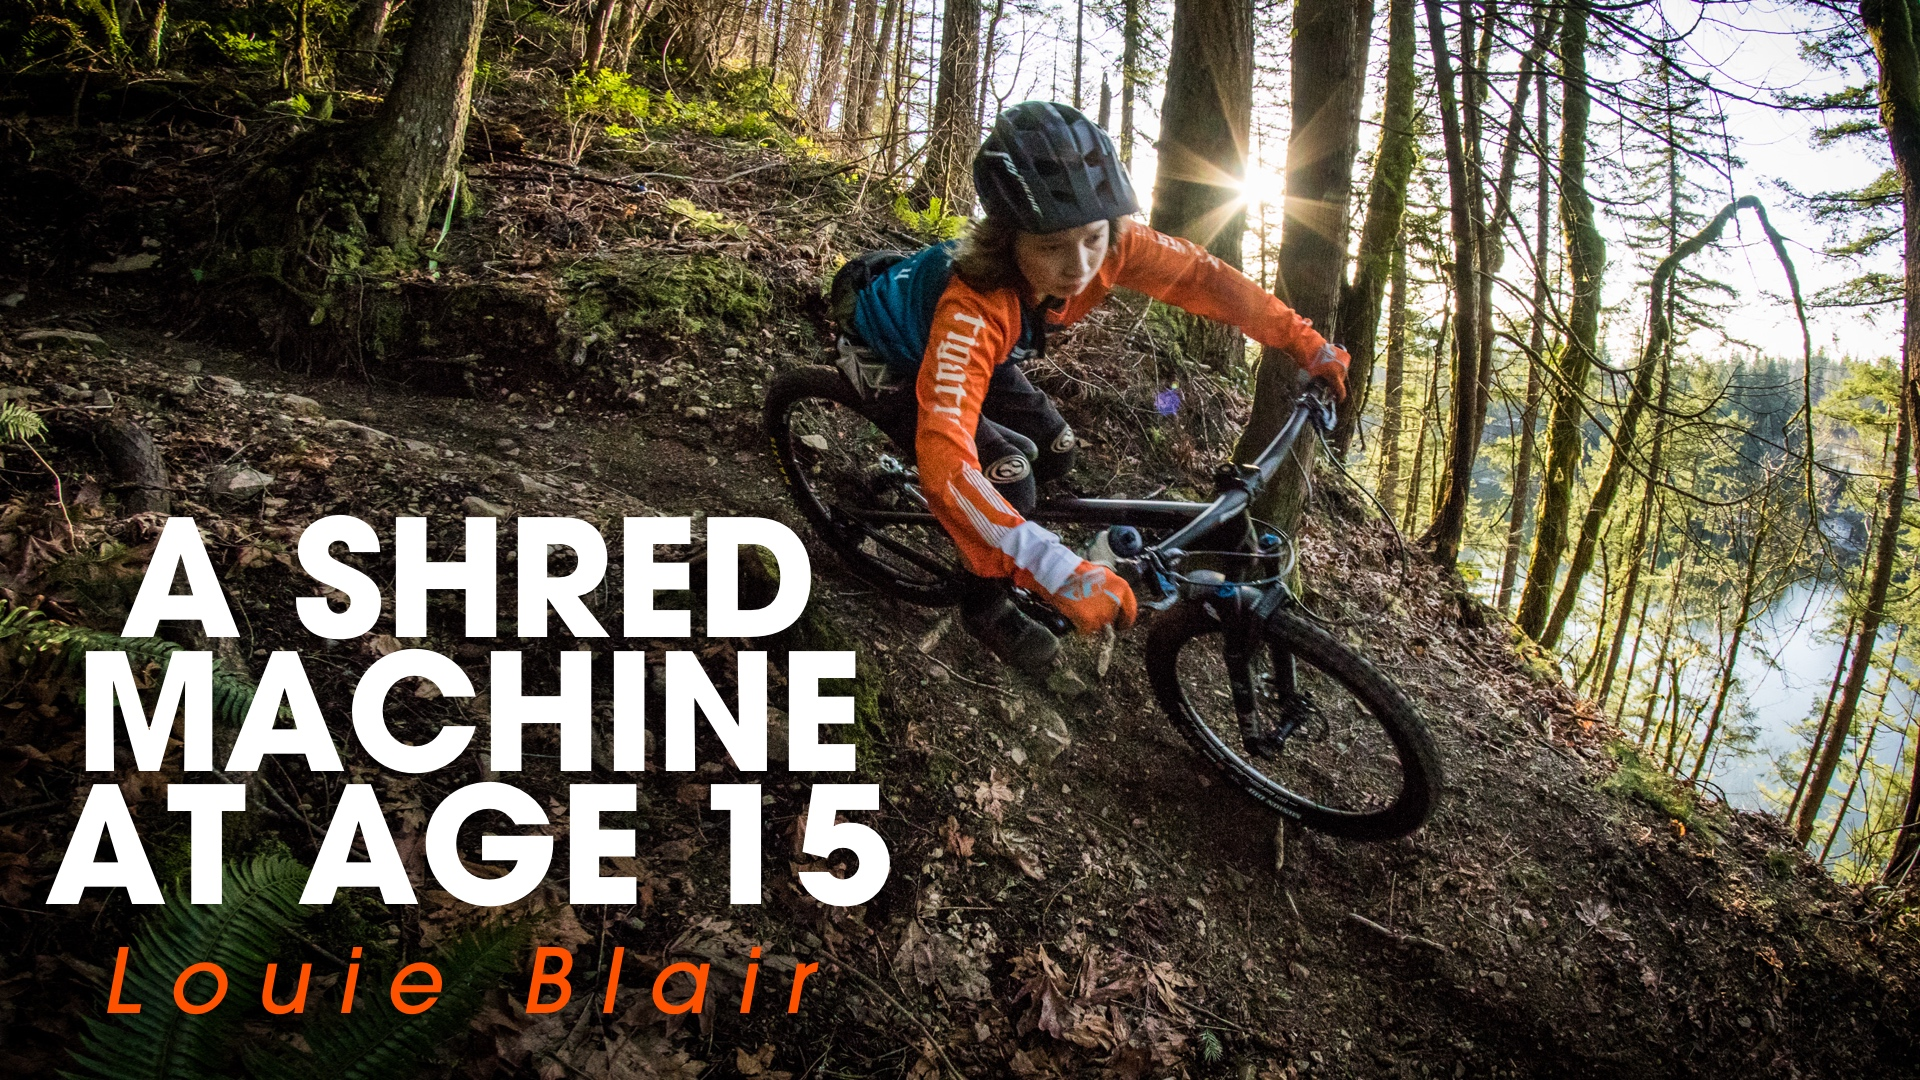 A Bike-Shredding Machine at Only 15! Louie Blair